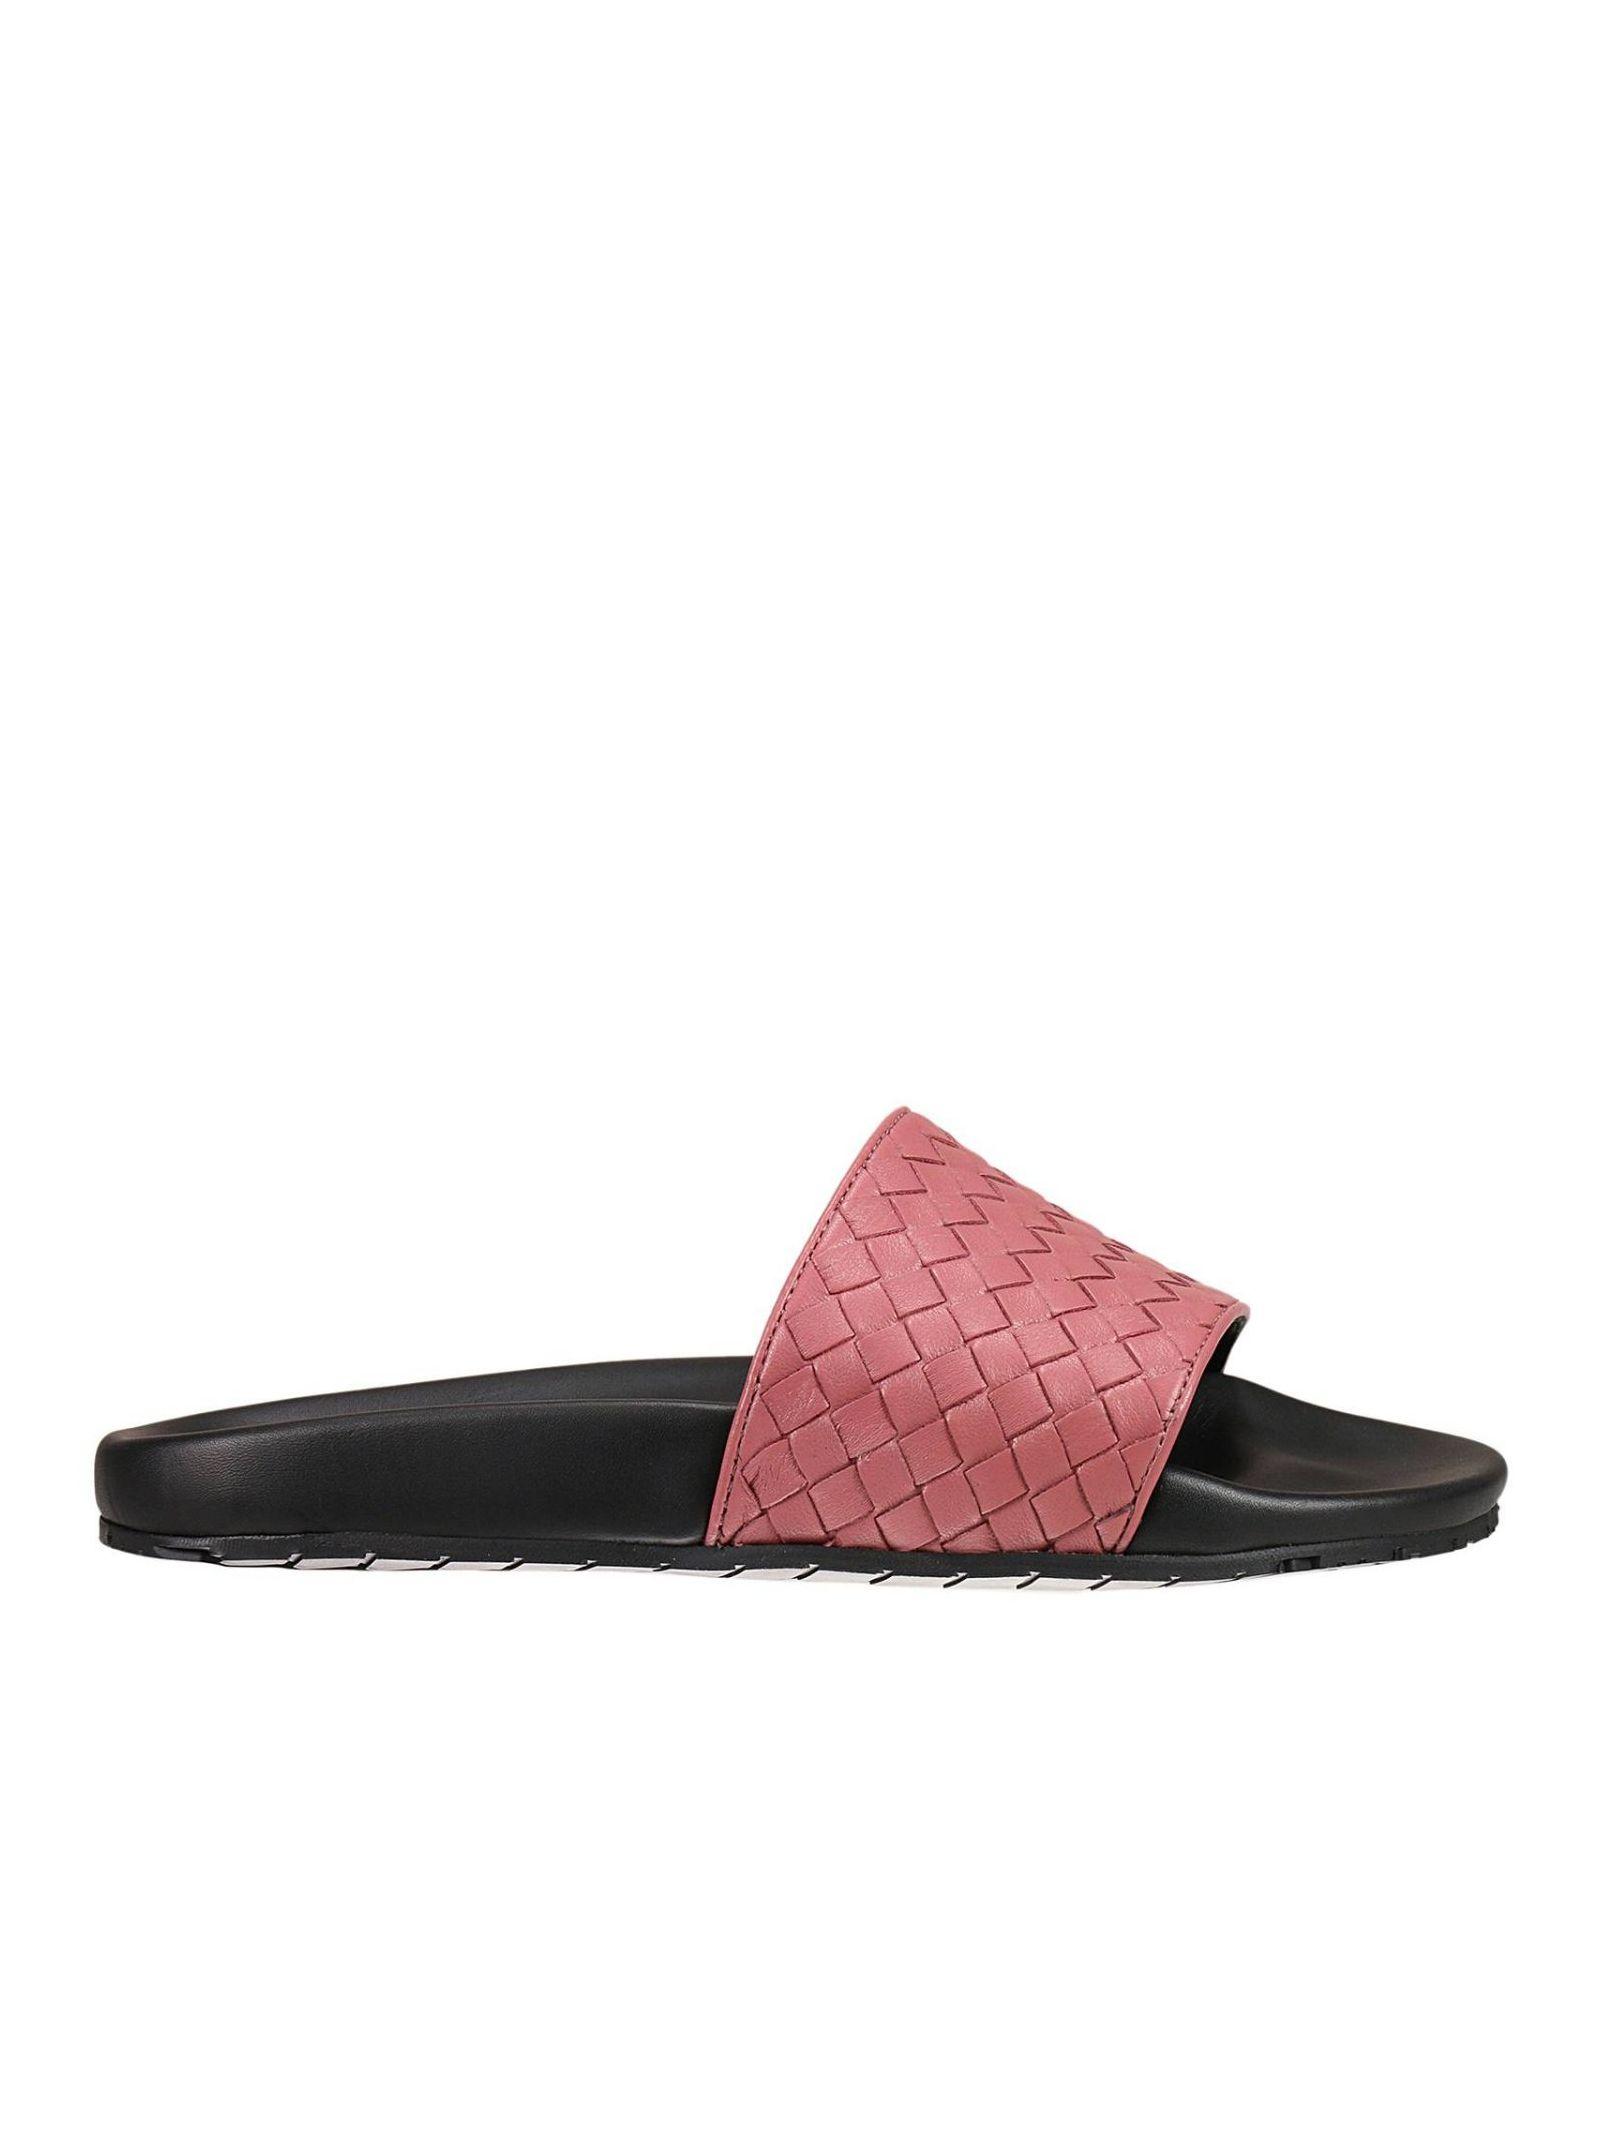 bottega veneta female flat sandals shoes woman bottega veneta